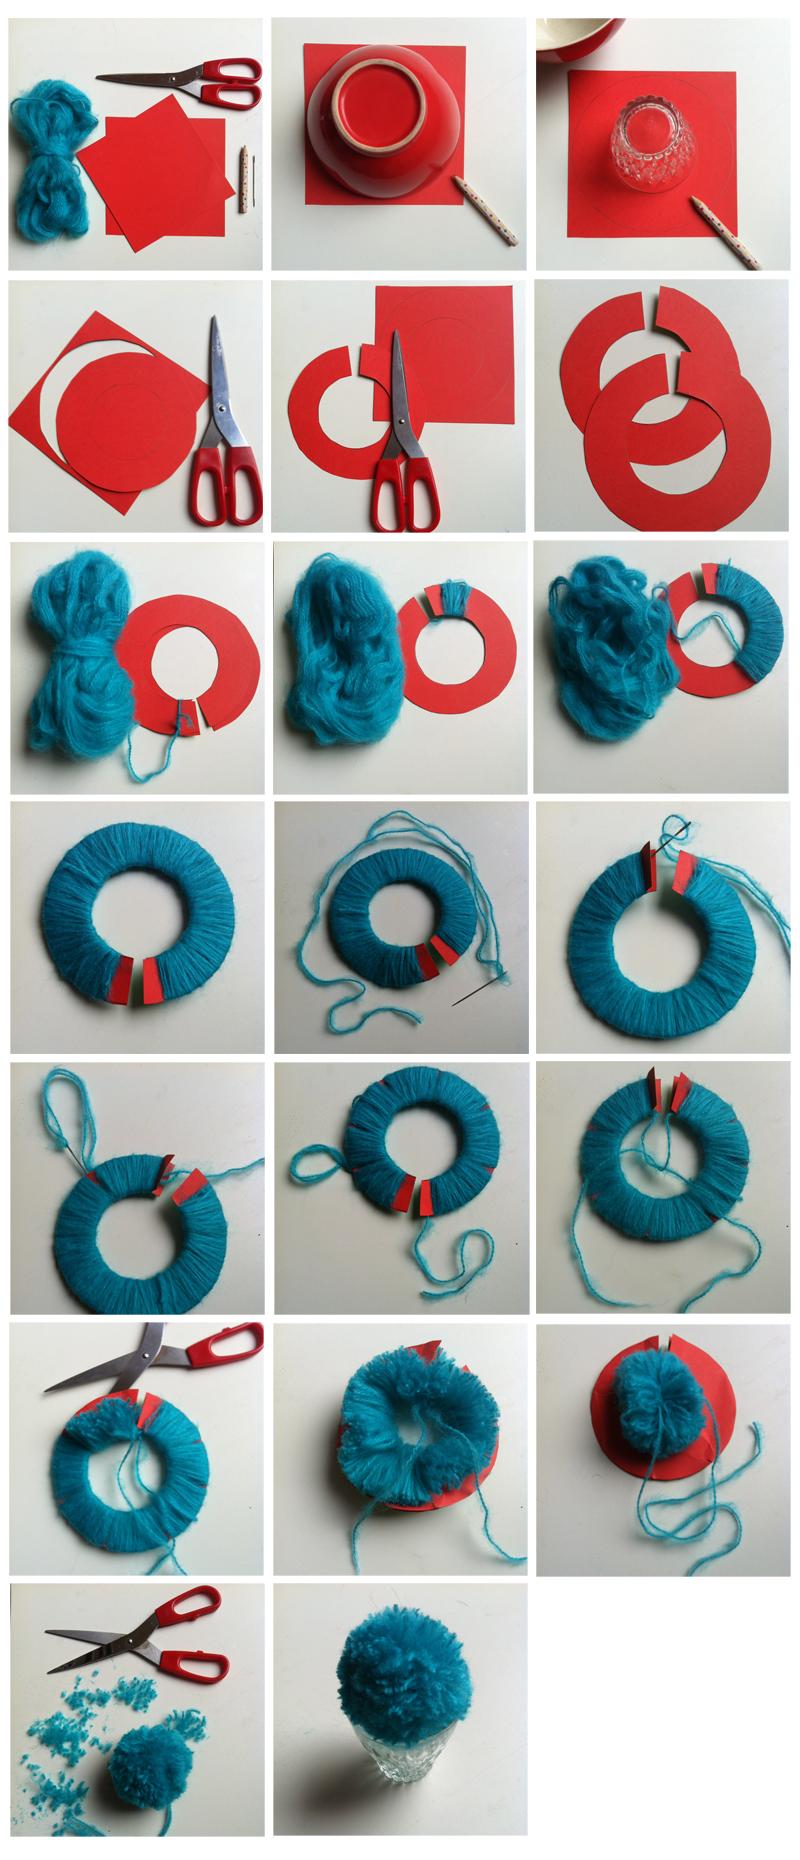 tricoter un pompon activit enfants pinterest. Black Bedroom Furniture Sets. Home Design Ideas